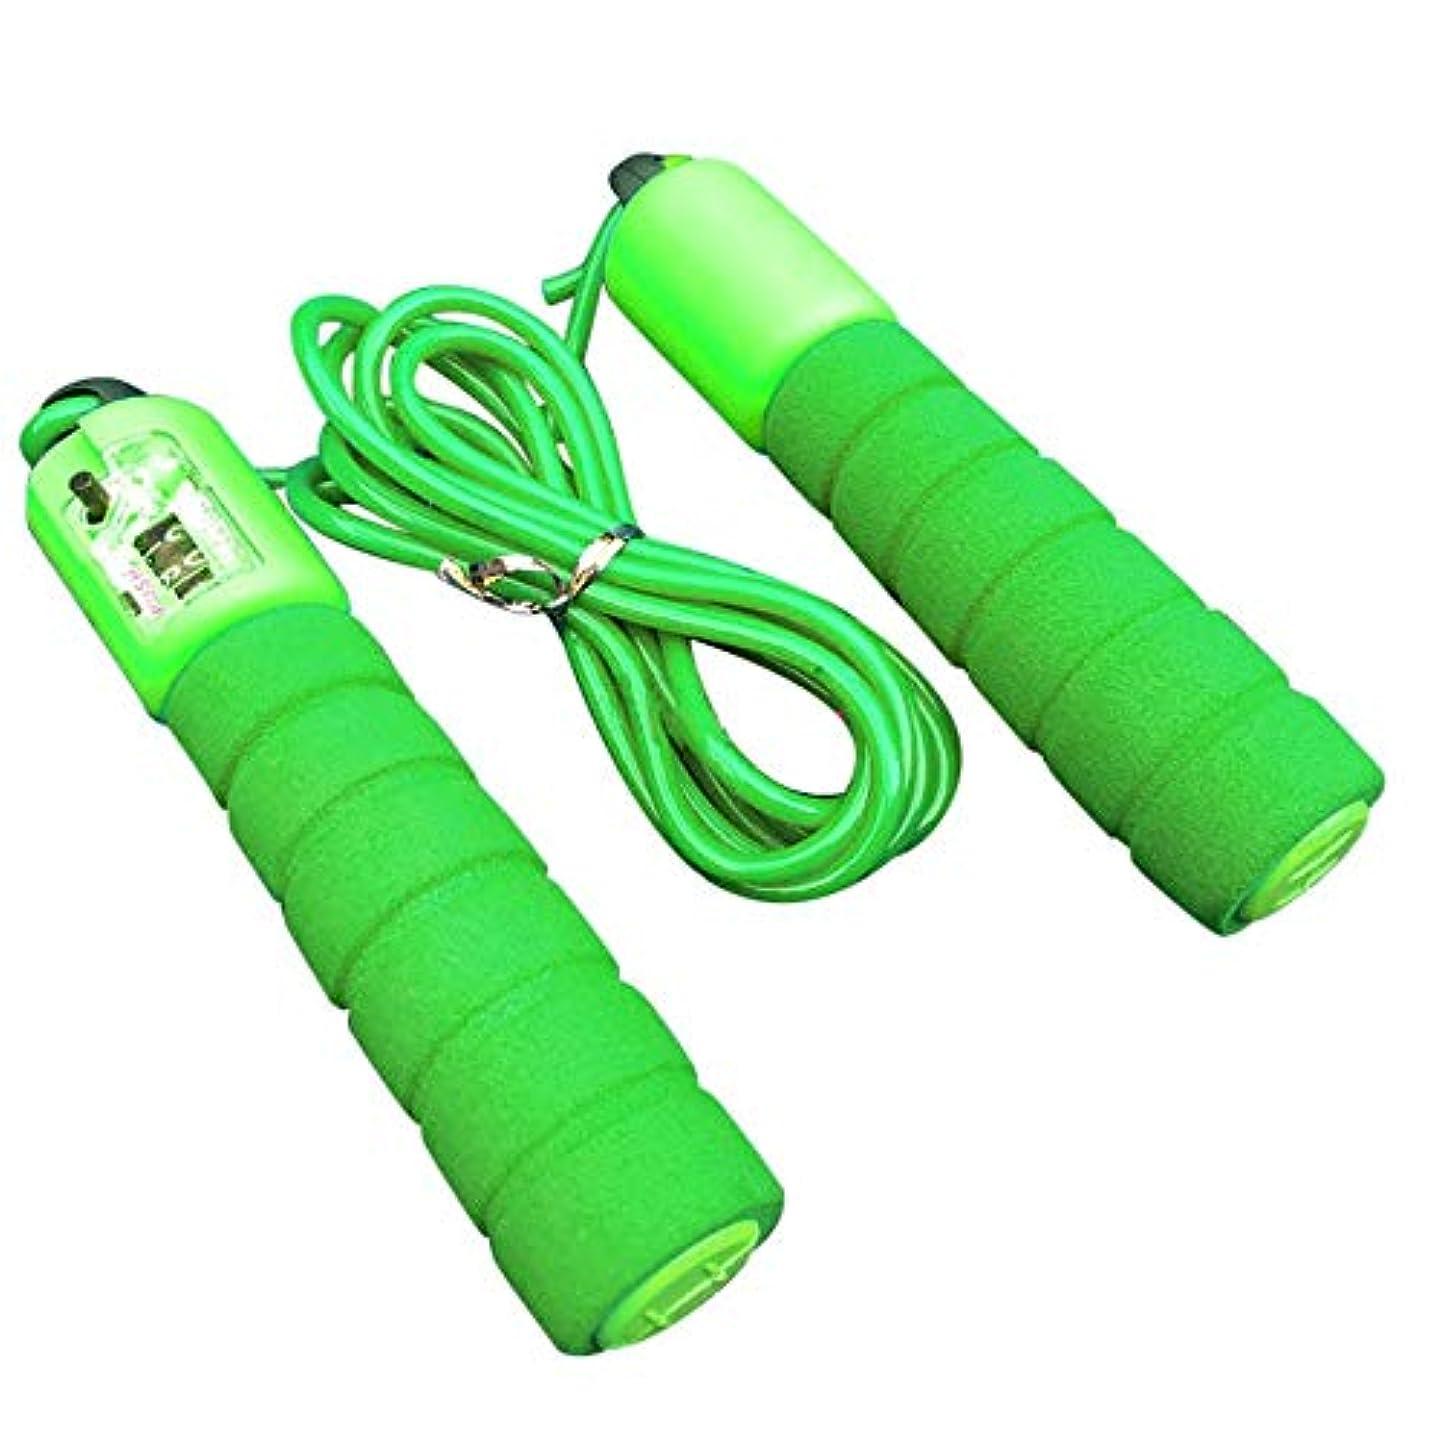 寛大さ蜂教育学調節可能なプロフェッショナルカウント縄跳び自動カウントジャンプロープフィットネス運動高速カウントジャンプロープ - グリーン